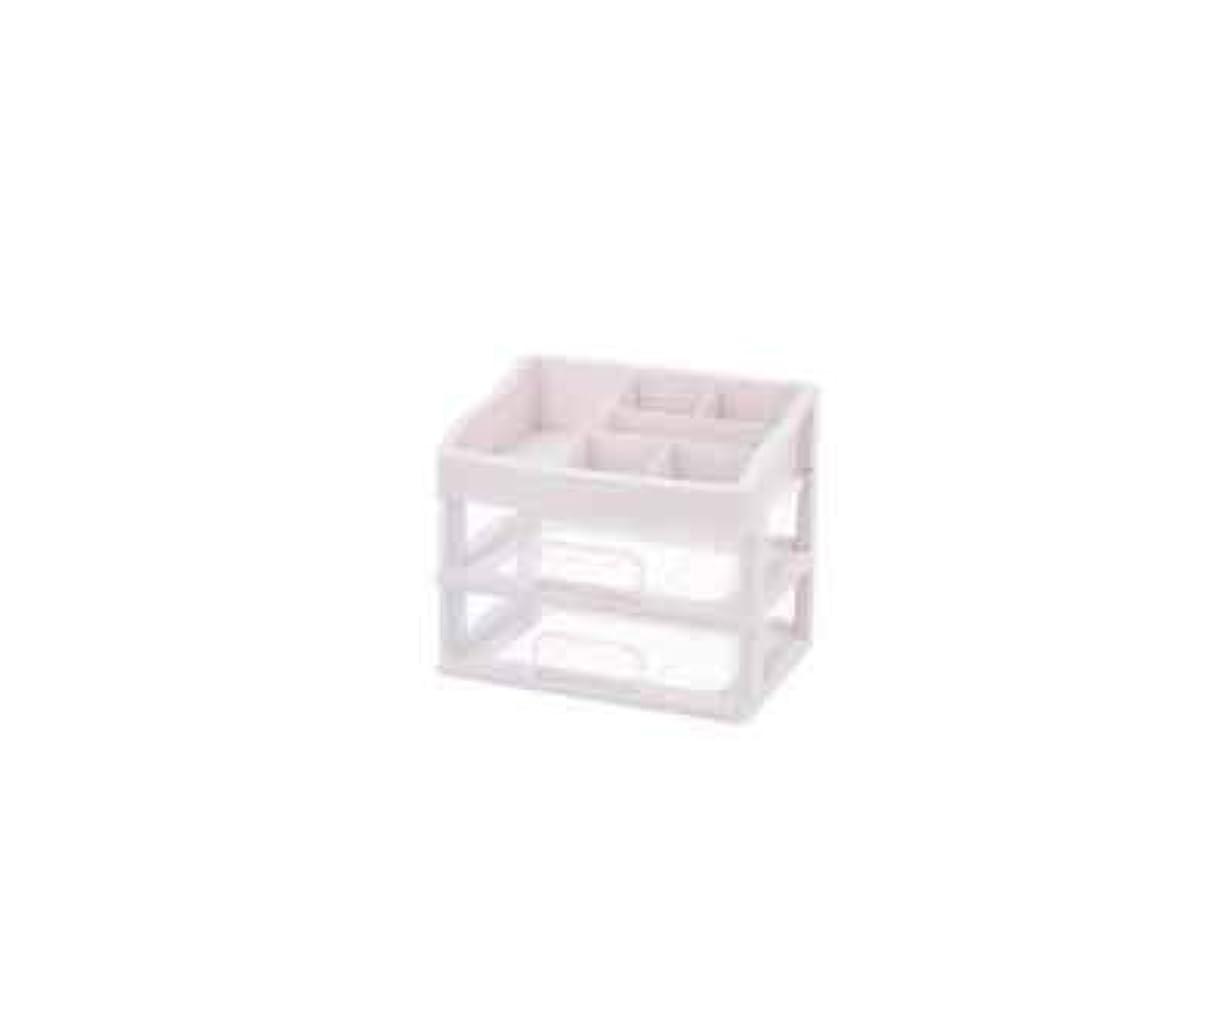 トラップ反発するボール化粧品収納ボックス透明引き出しタイプデスクトップ収納ラック化粧台化粧品ケーススキンケア用品 (Size : M)